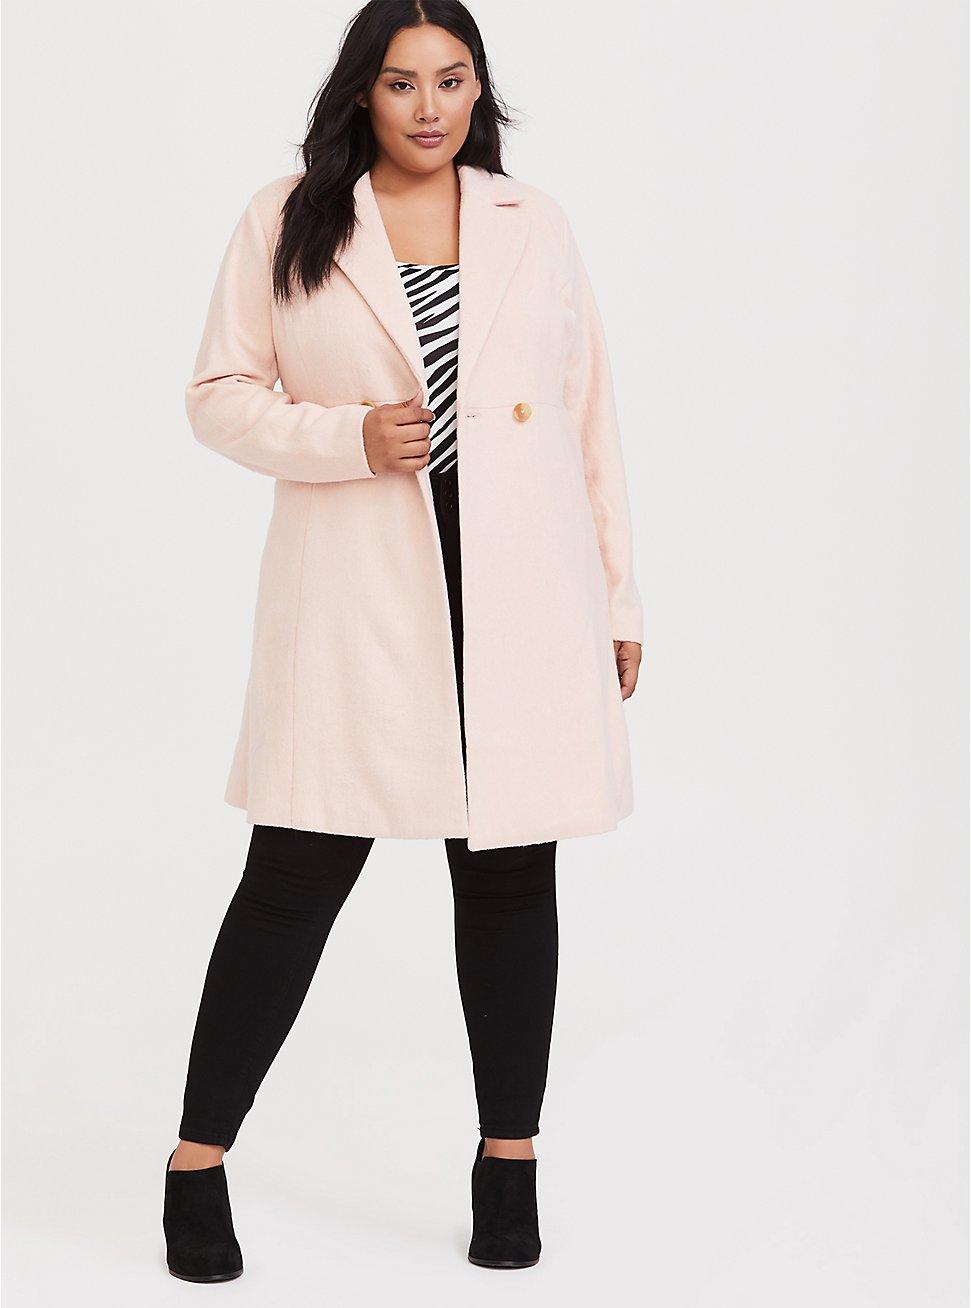 Light Pink Woolen Fit & Flare Coat, PALE BLUSH, hi-res